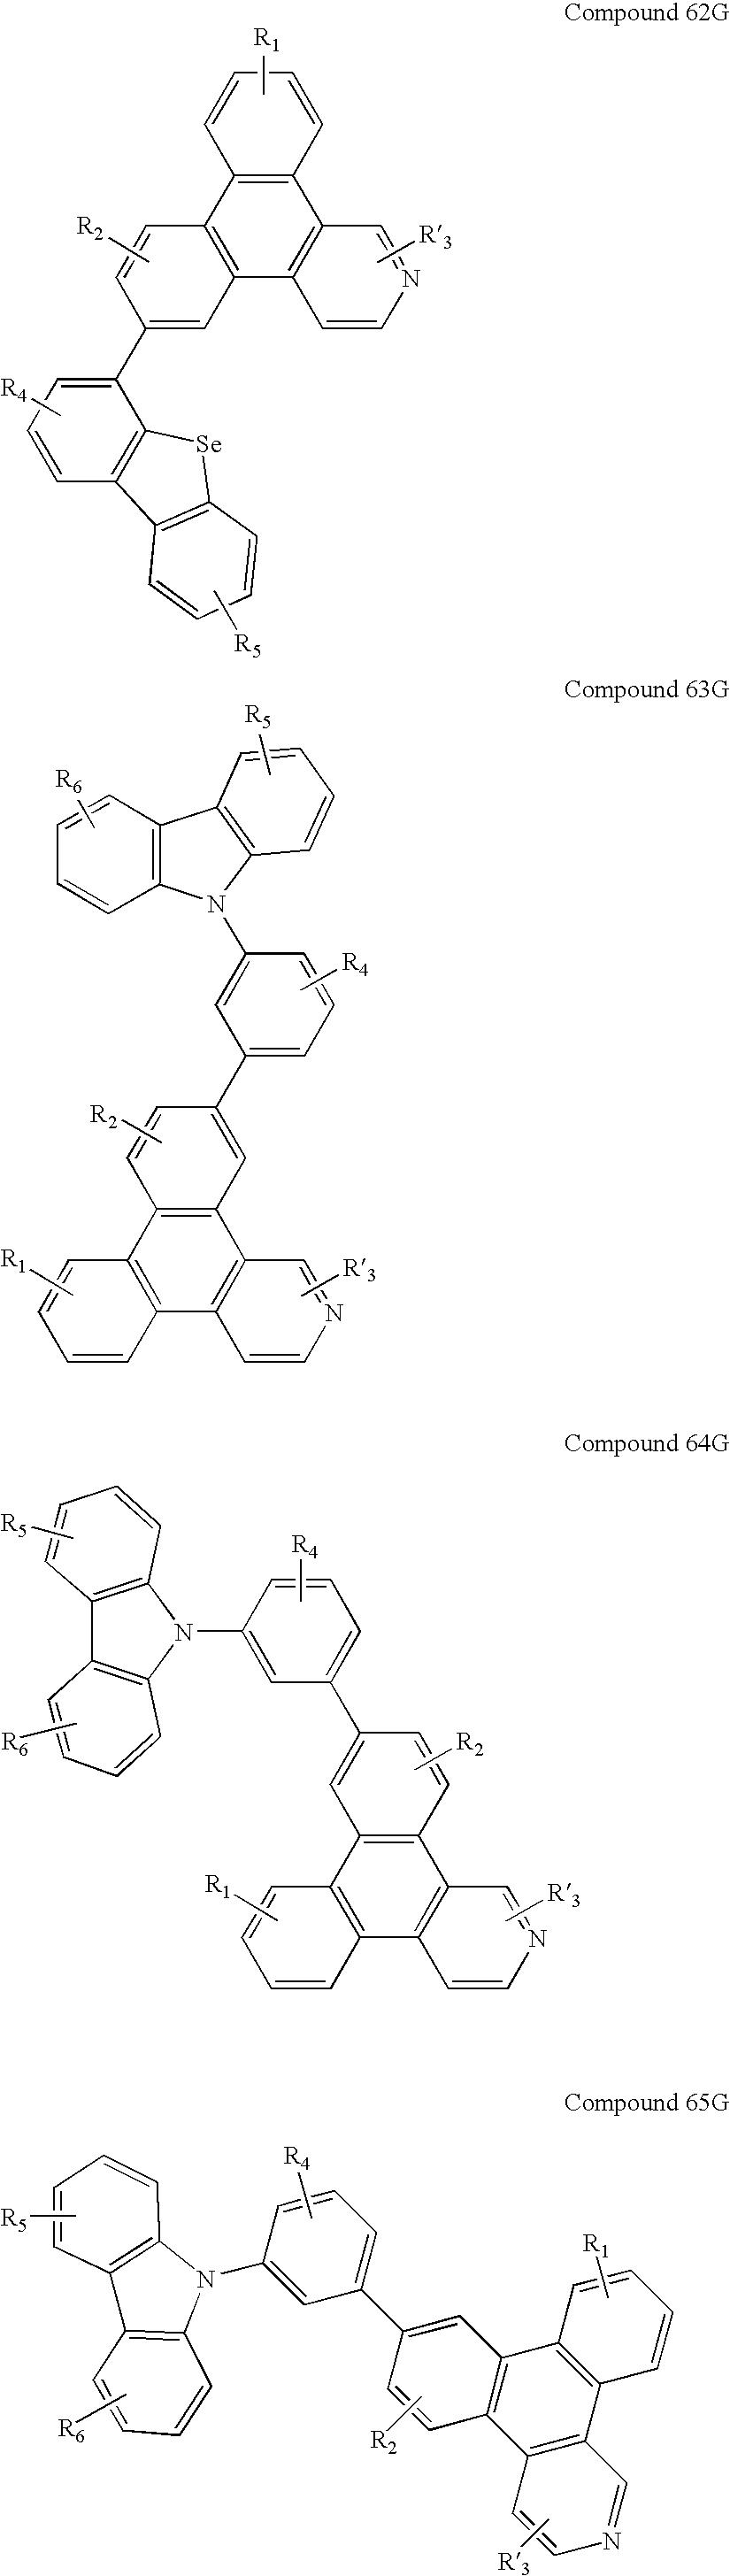 Figure US20100289406A1-20101118-C00028